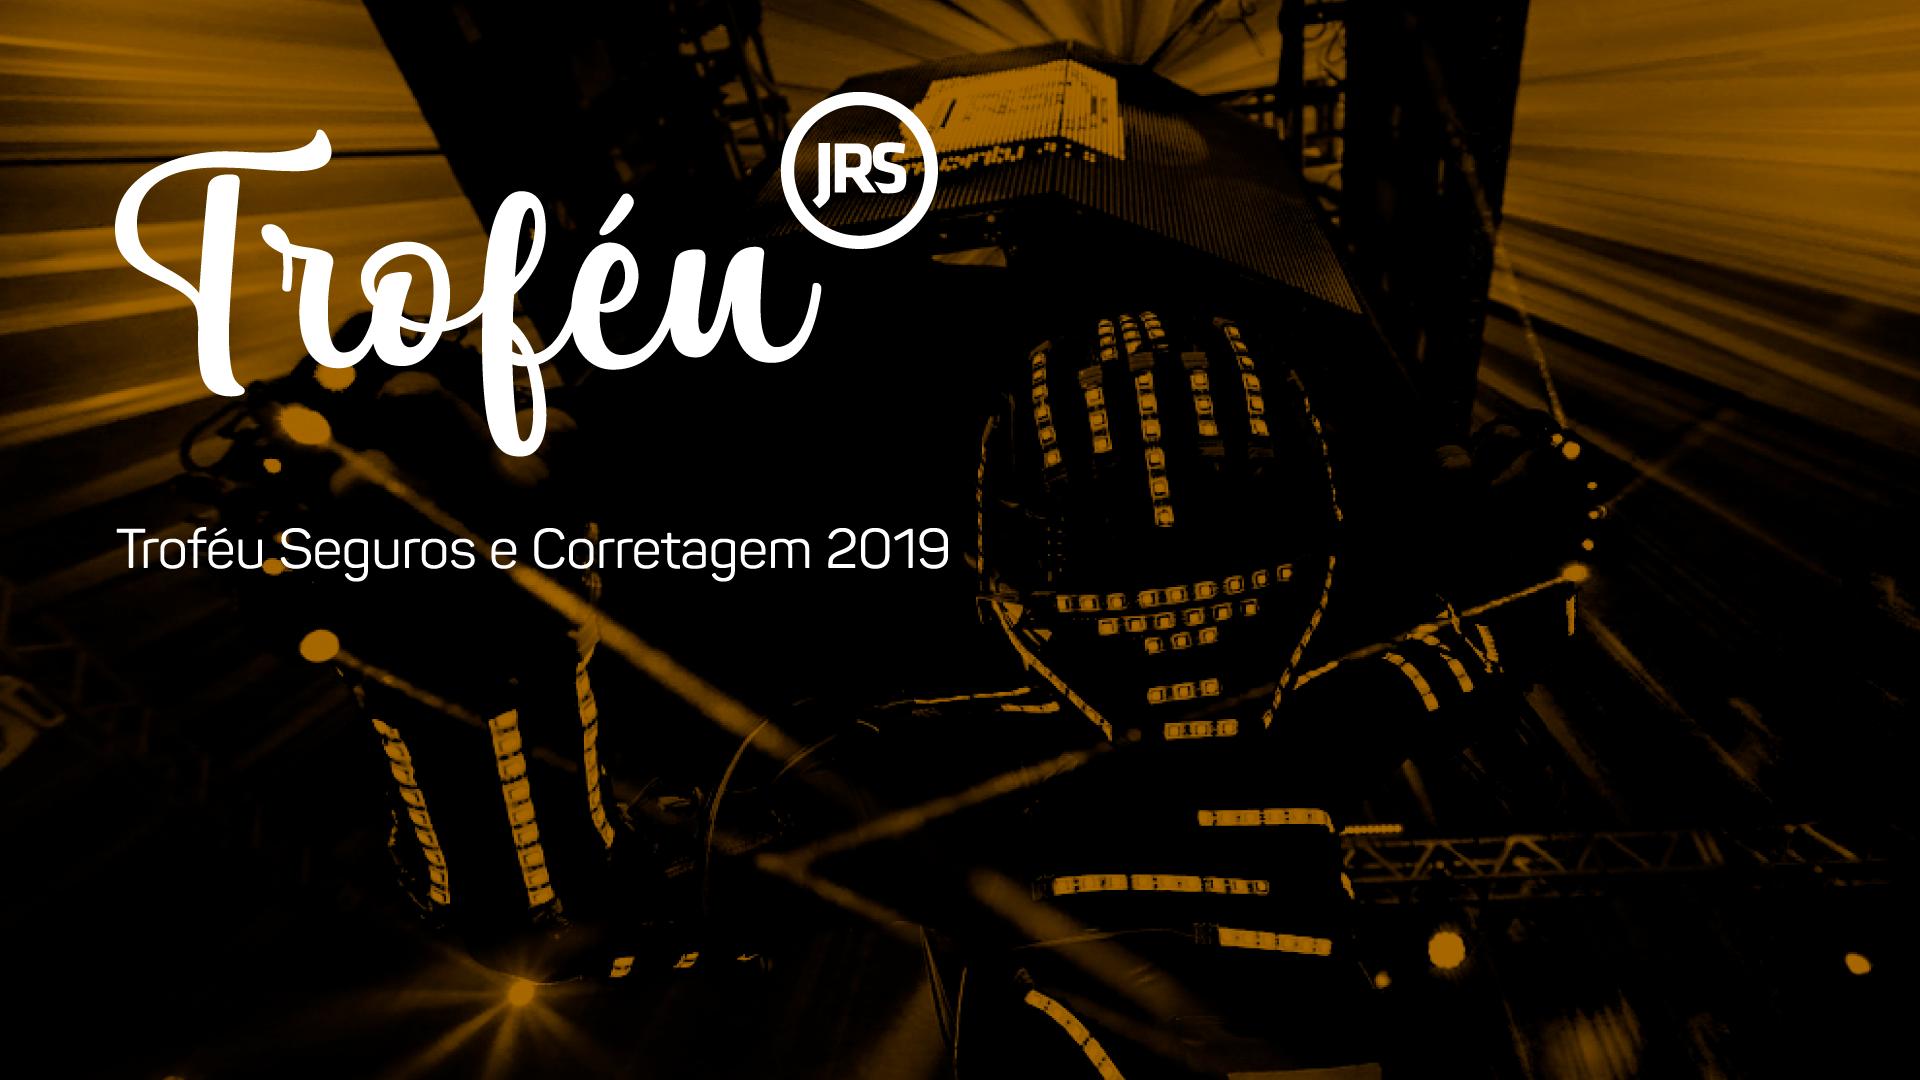 Inscrições abertas para o Troféu Seguros e Corretagem 2019